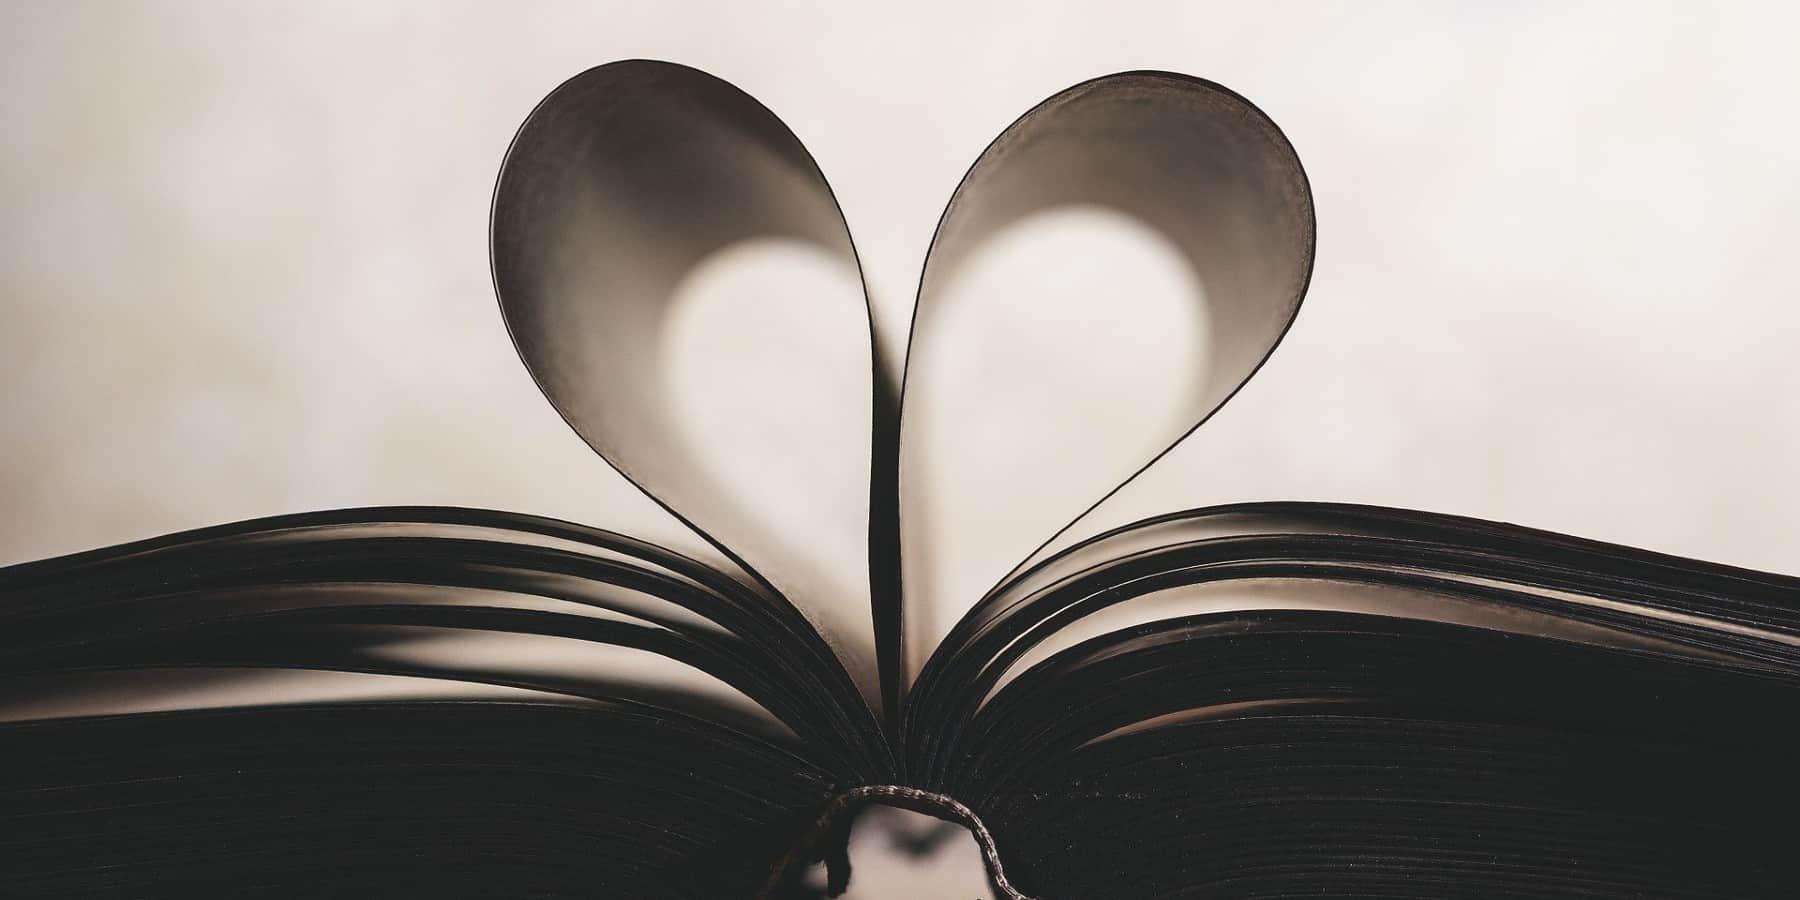 Lesetipps - Mehr Bücher lesen